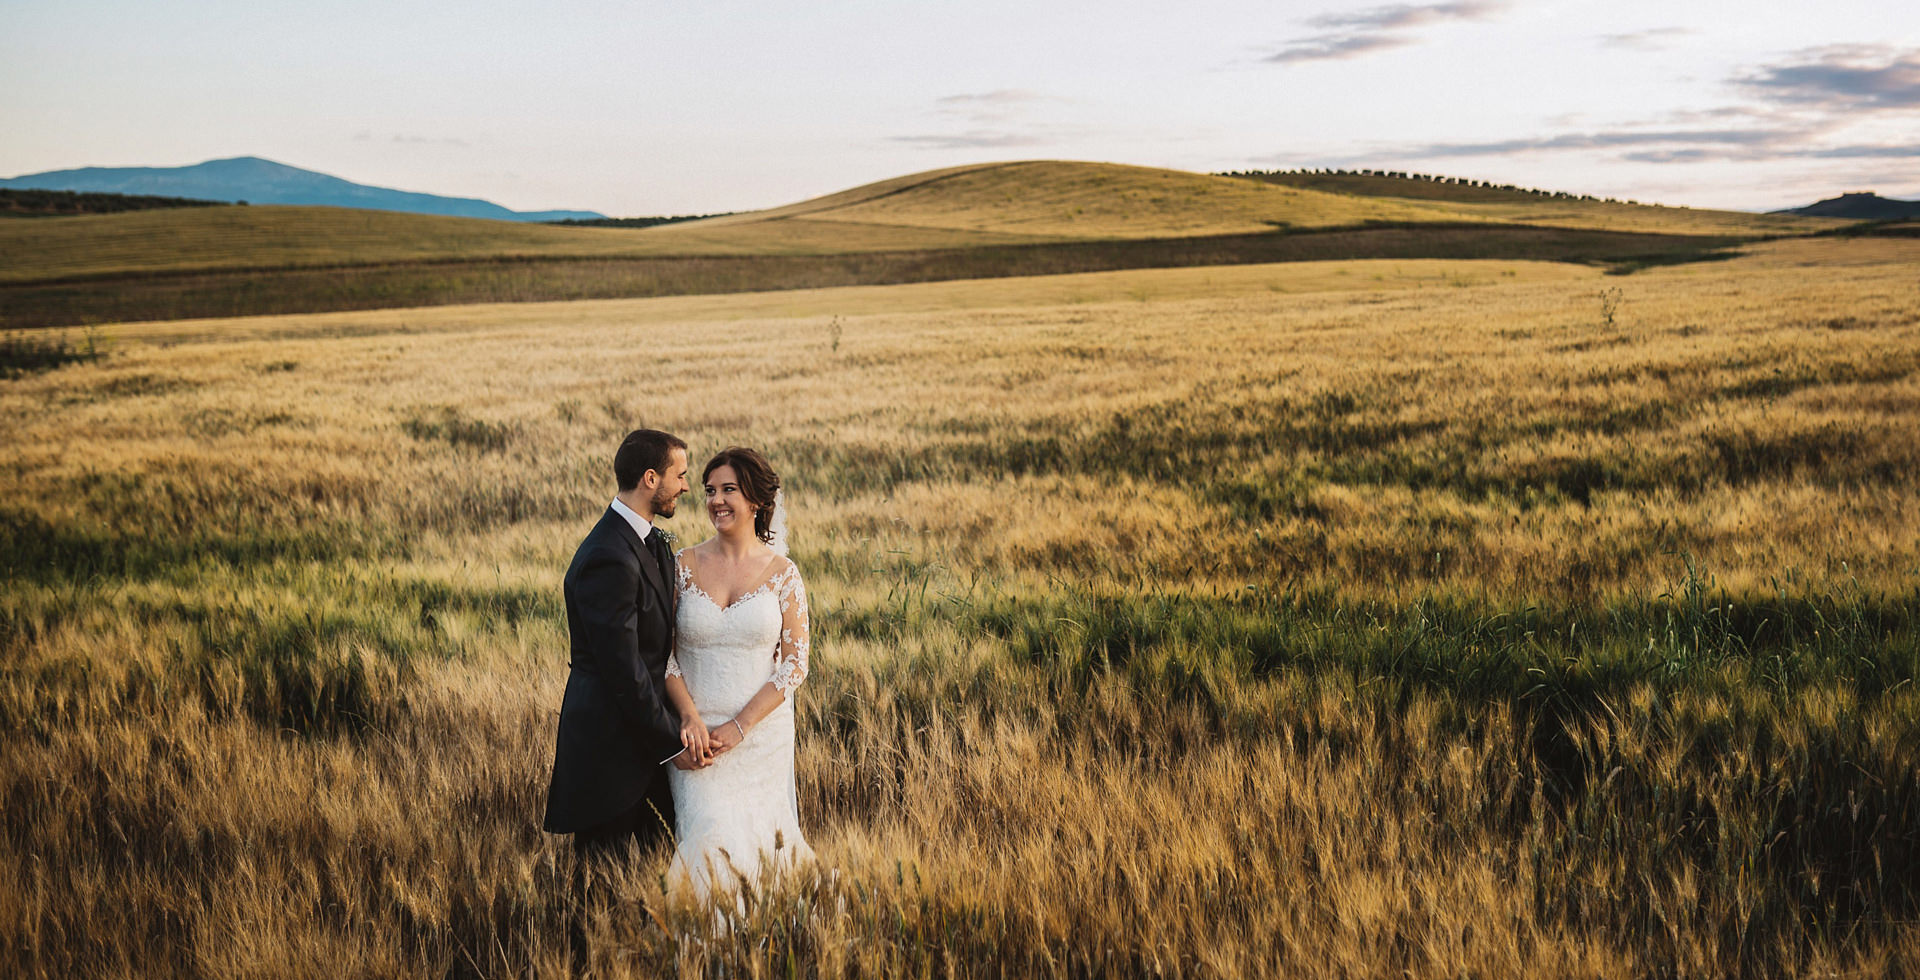 La fotografía de boda